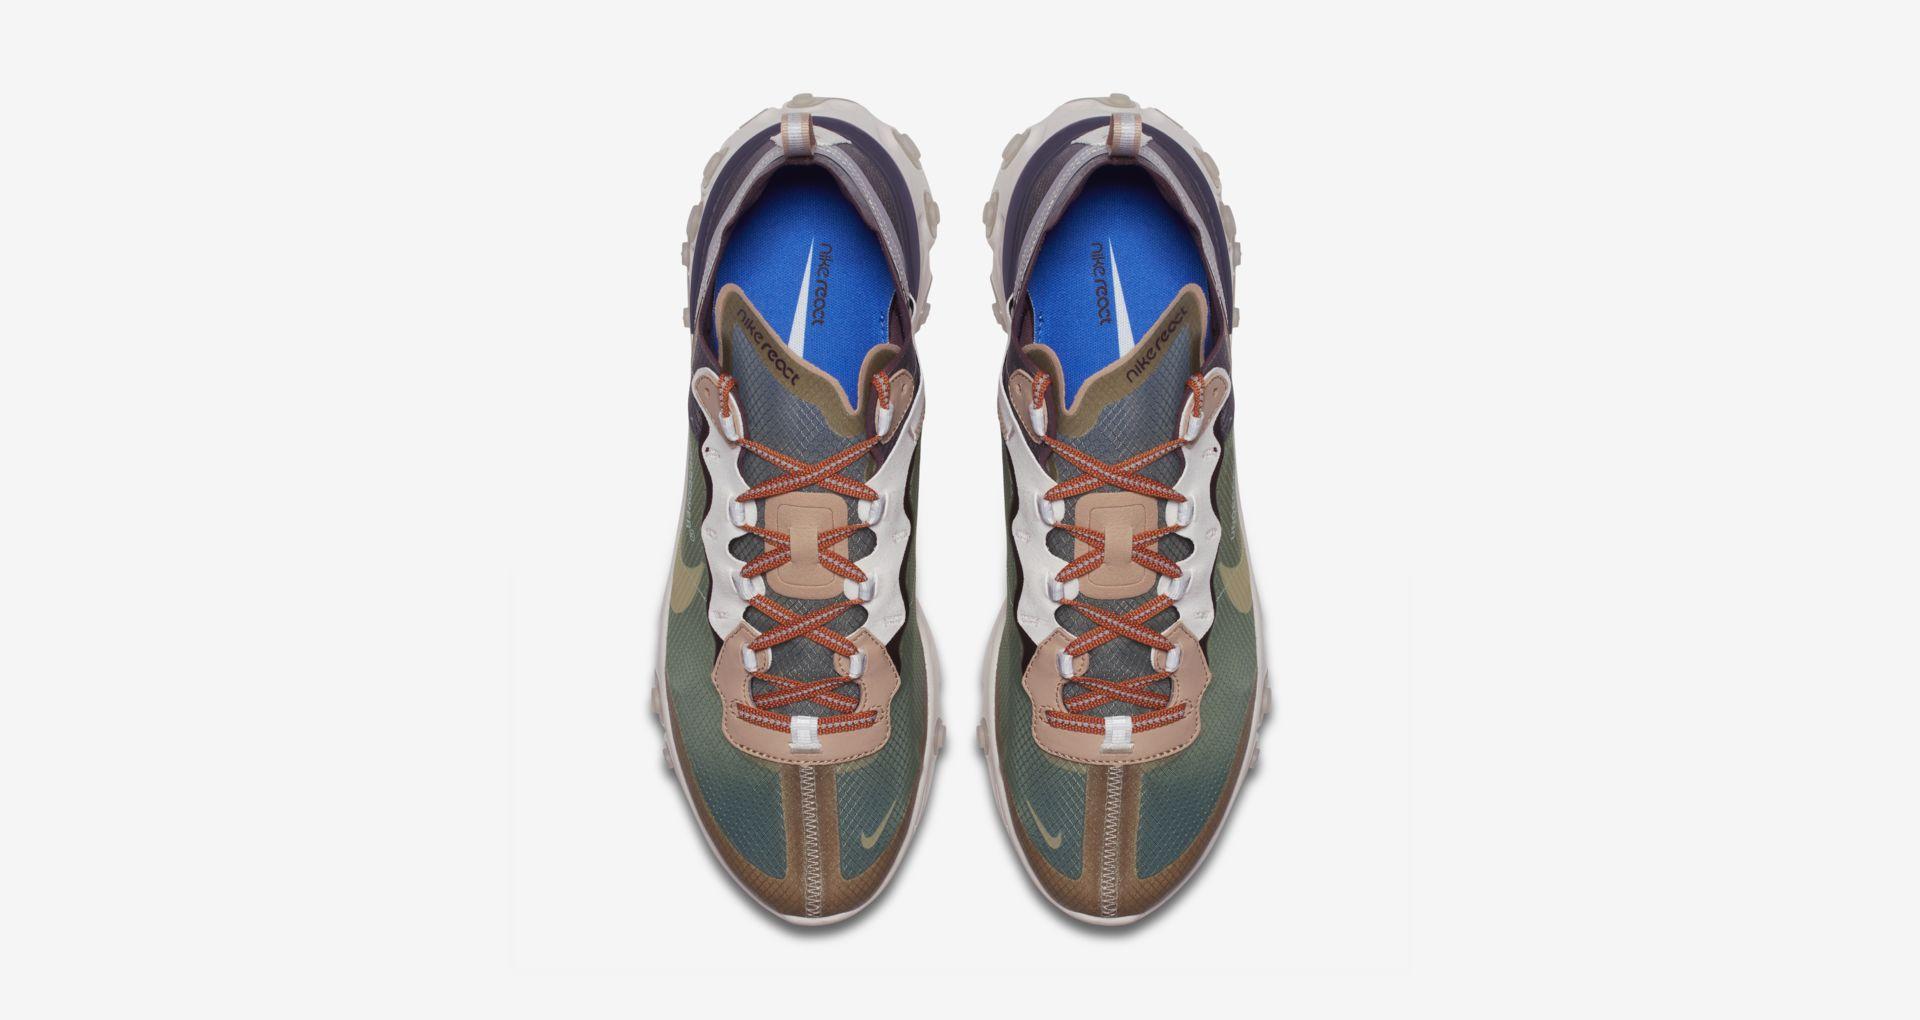 BQ2718 300 Undercover x Nike React Element 87 Green Mist 5